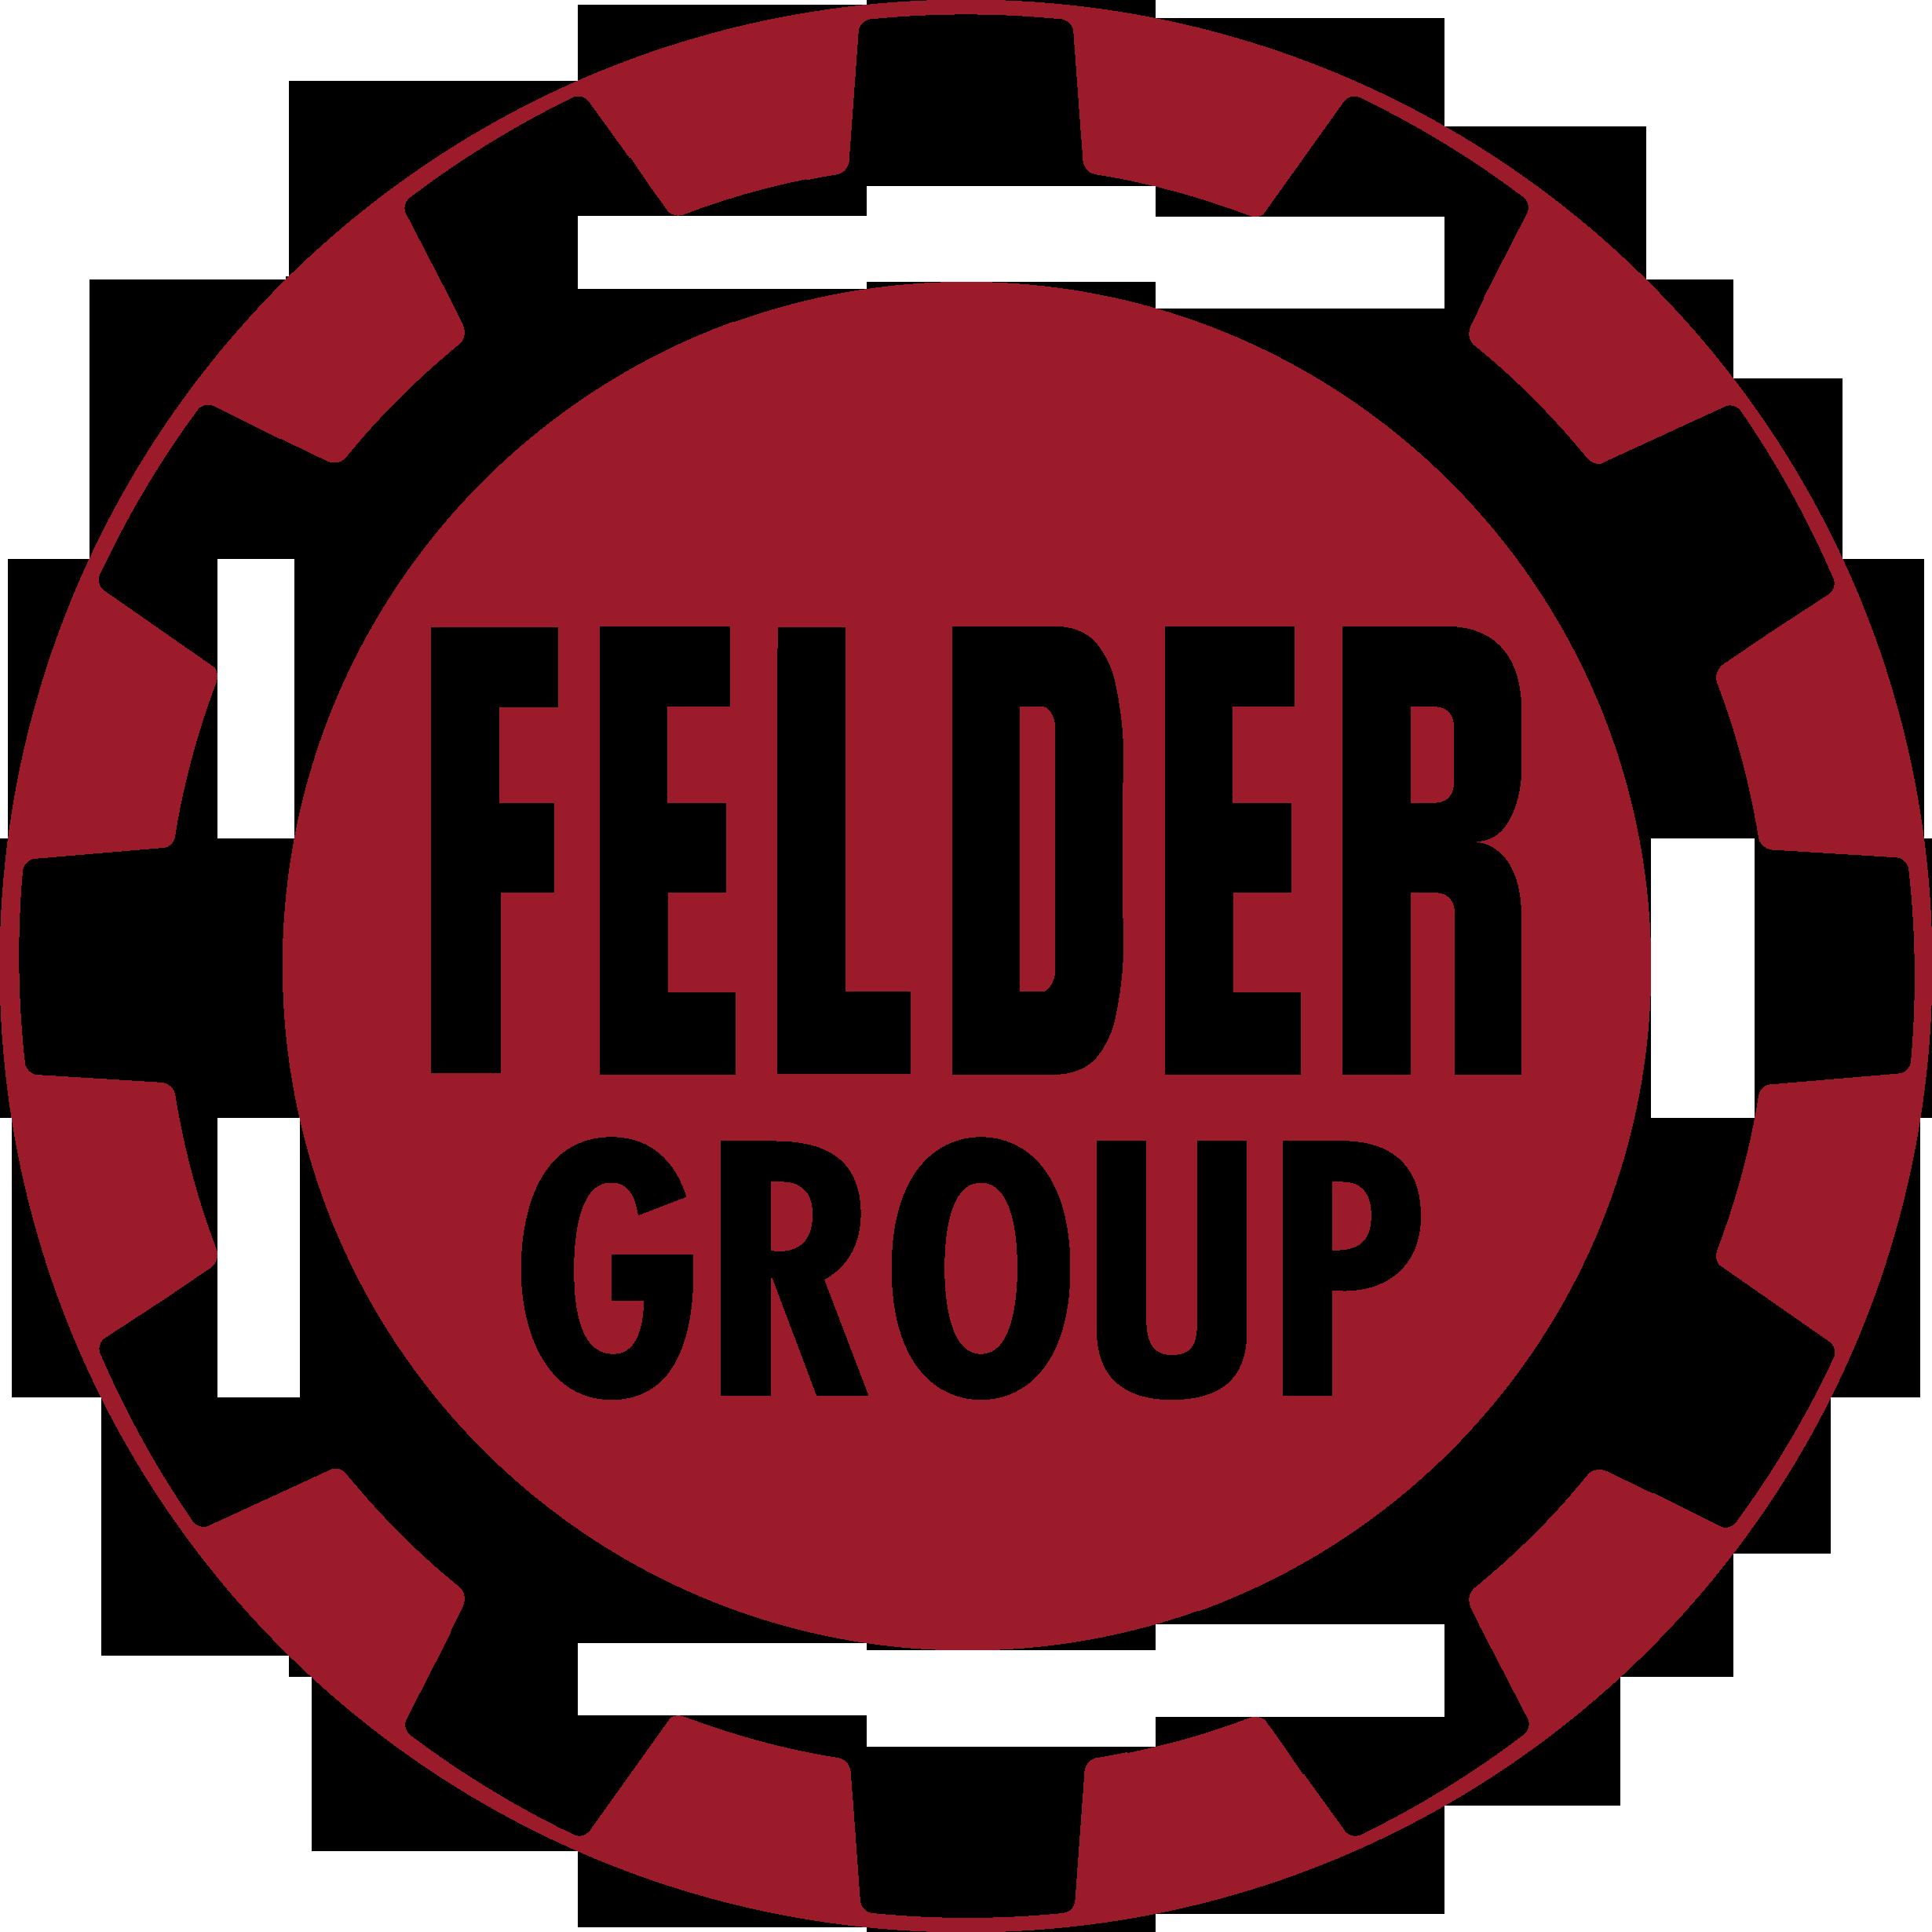 Logo-Felder-Group